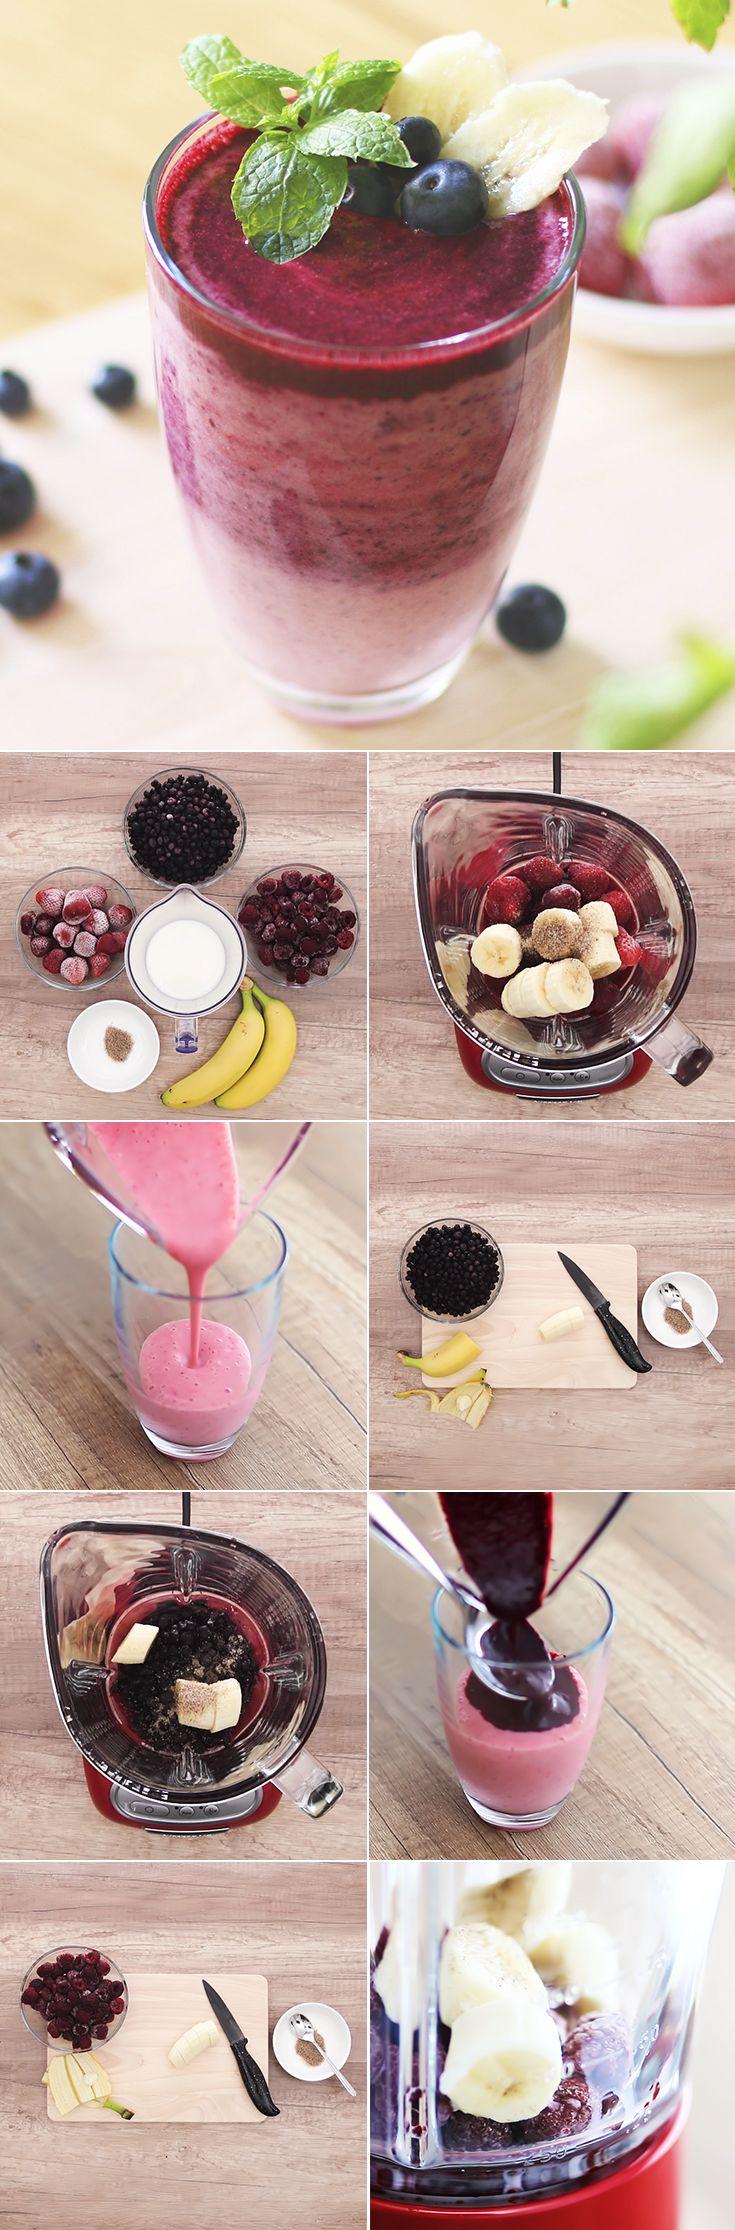 Smoothies sind nicht nur lecker, sondern auch gesunde Vitamin-Bomben. Mit diesen drei Rezepten für fruchtige Erdbeer-, Blaubeer- und Himbeer Smoothies mixt ihr euch eure persönlichen Energiebooster mit einer Extraportion Sommer-Feeling für den Herbst. Gleich ausprobieren! Zu den Rezepten